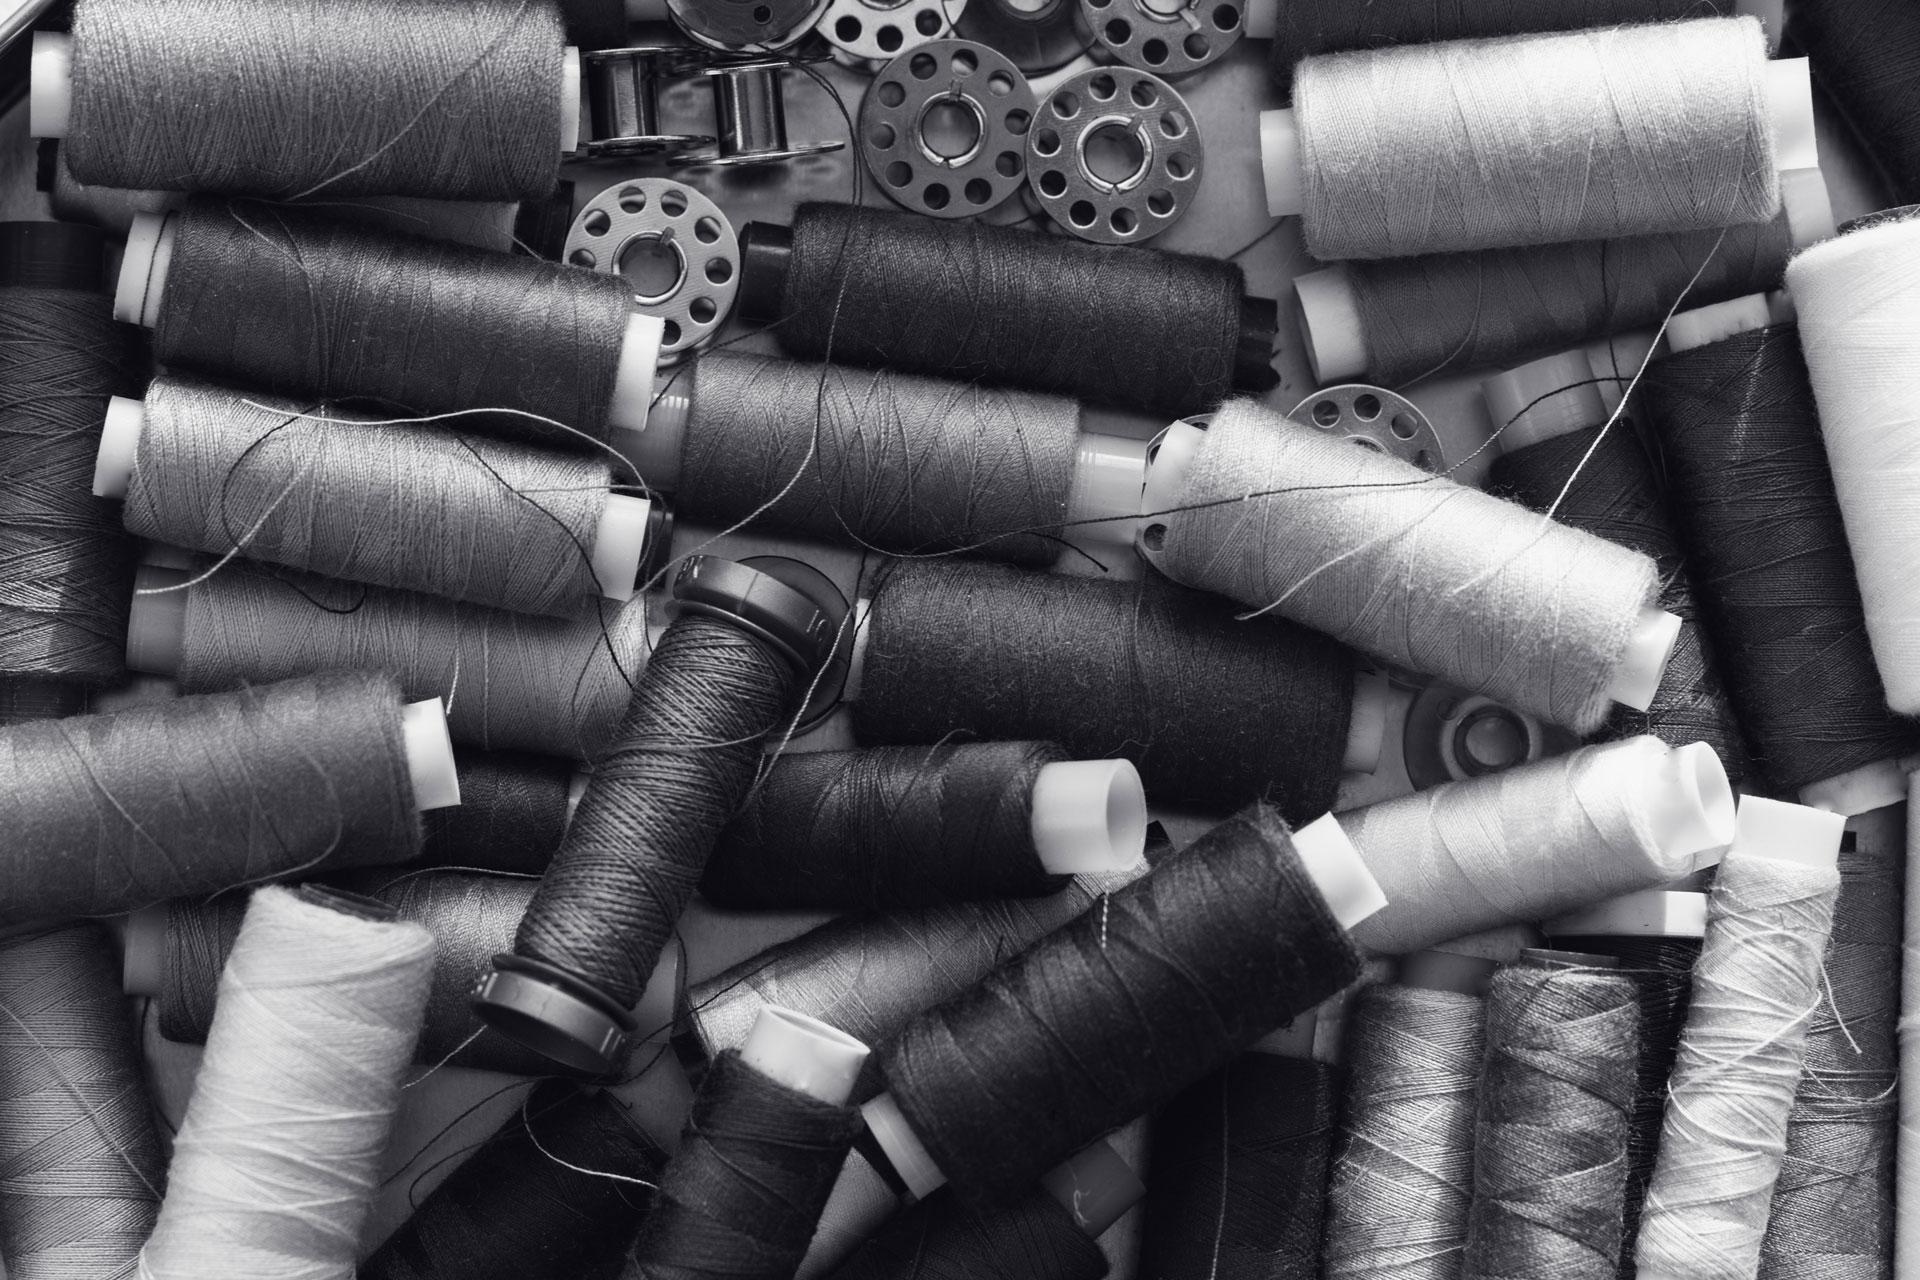 Mangano rocchette filo